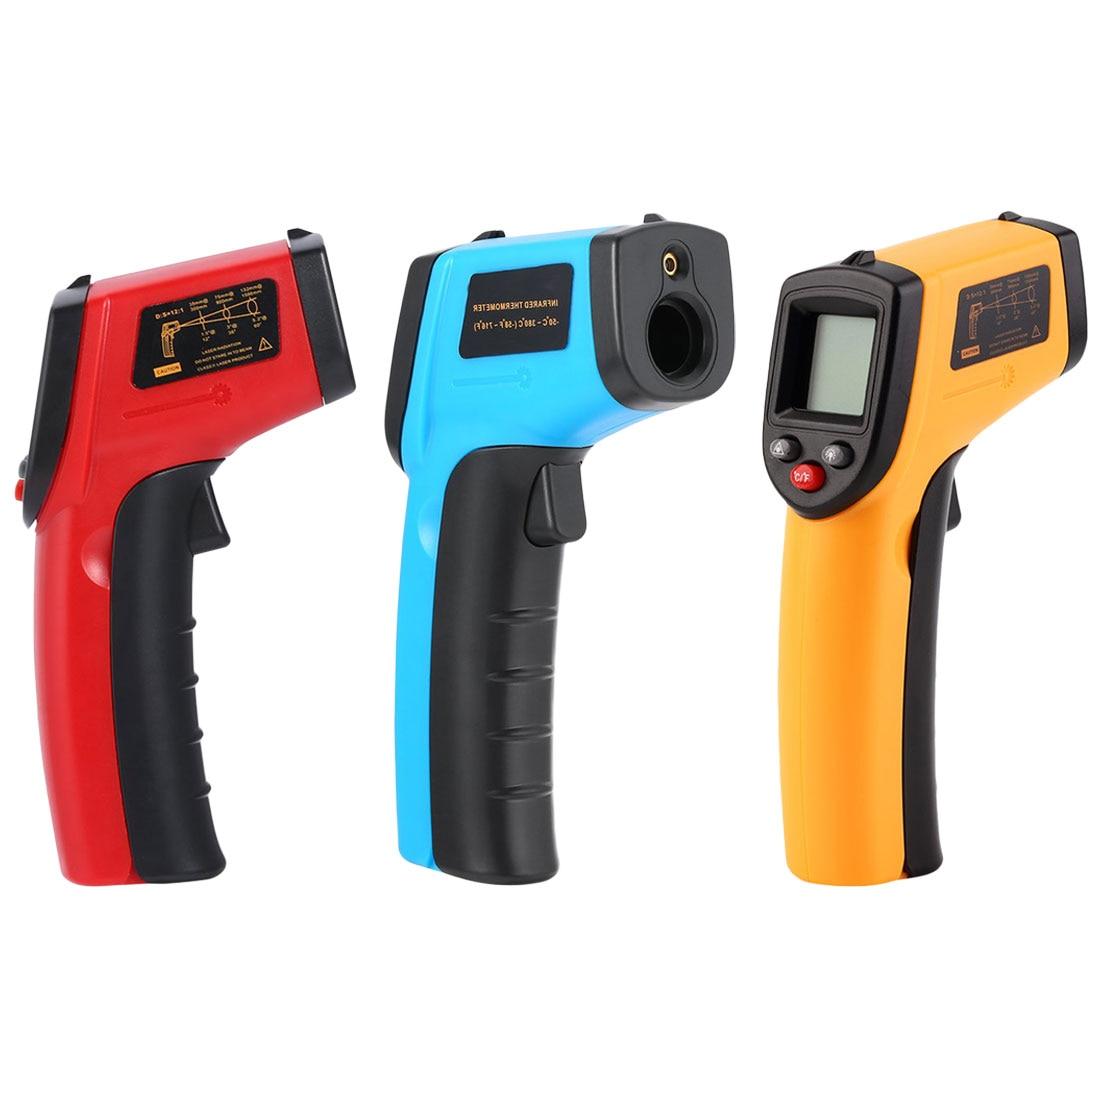 GM320-50 ~ 380C thermomètre infrarouge numérique sans Contact thermomètre infrarouge pyromètre IR Laser compteur de température pistolet